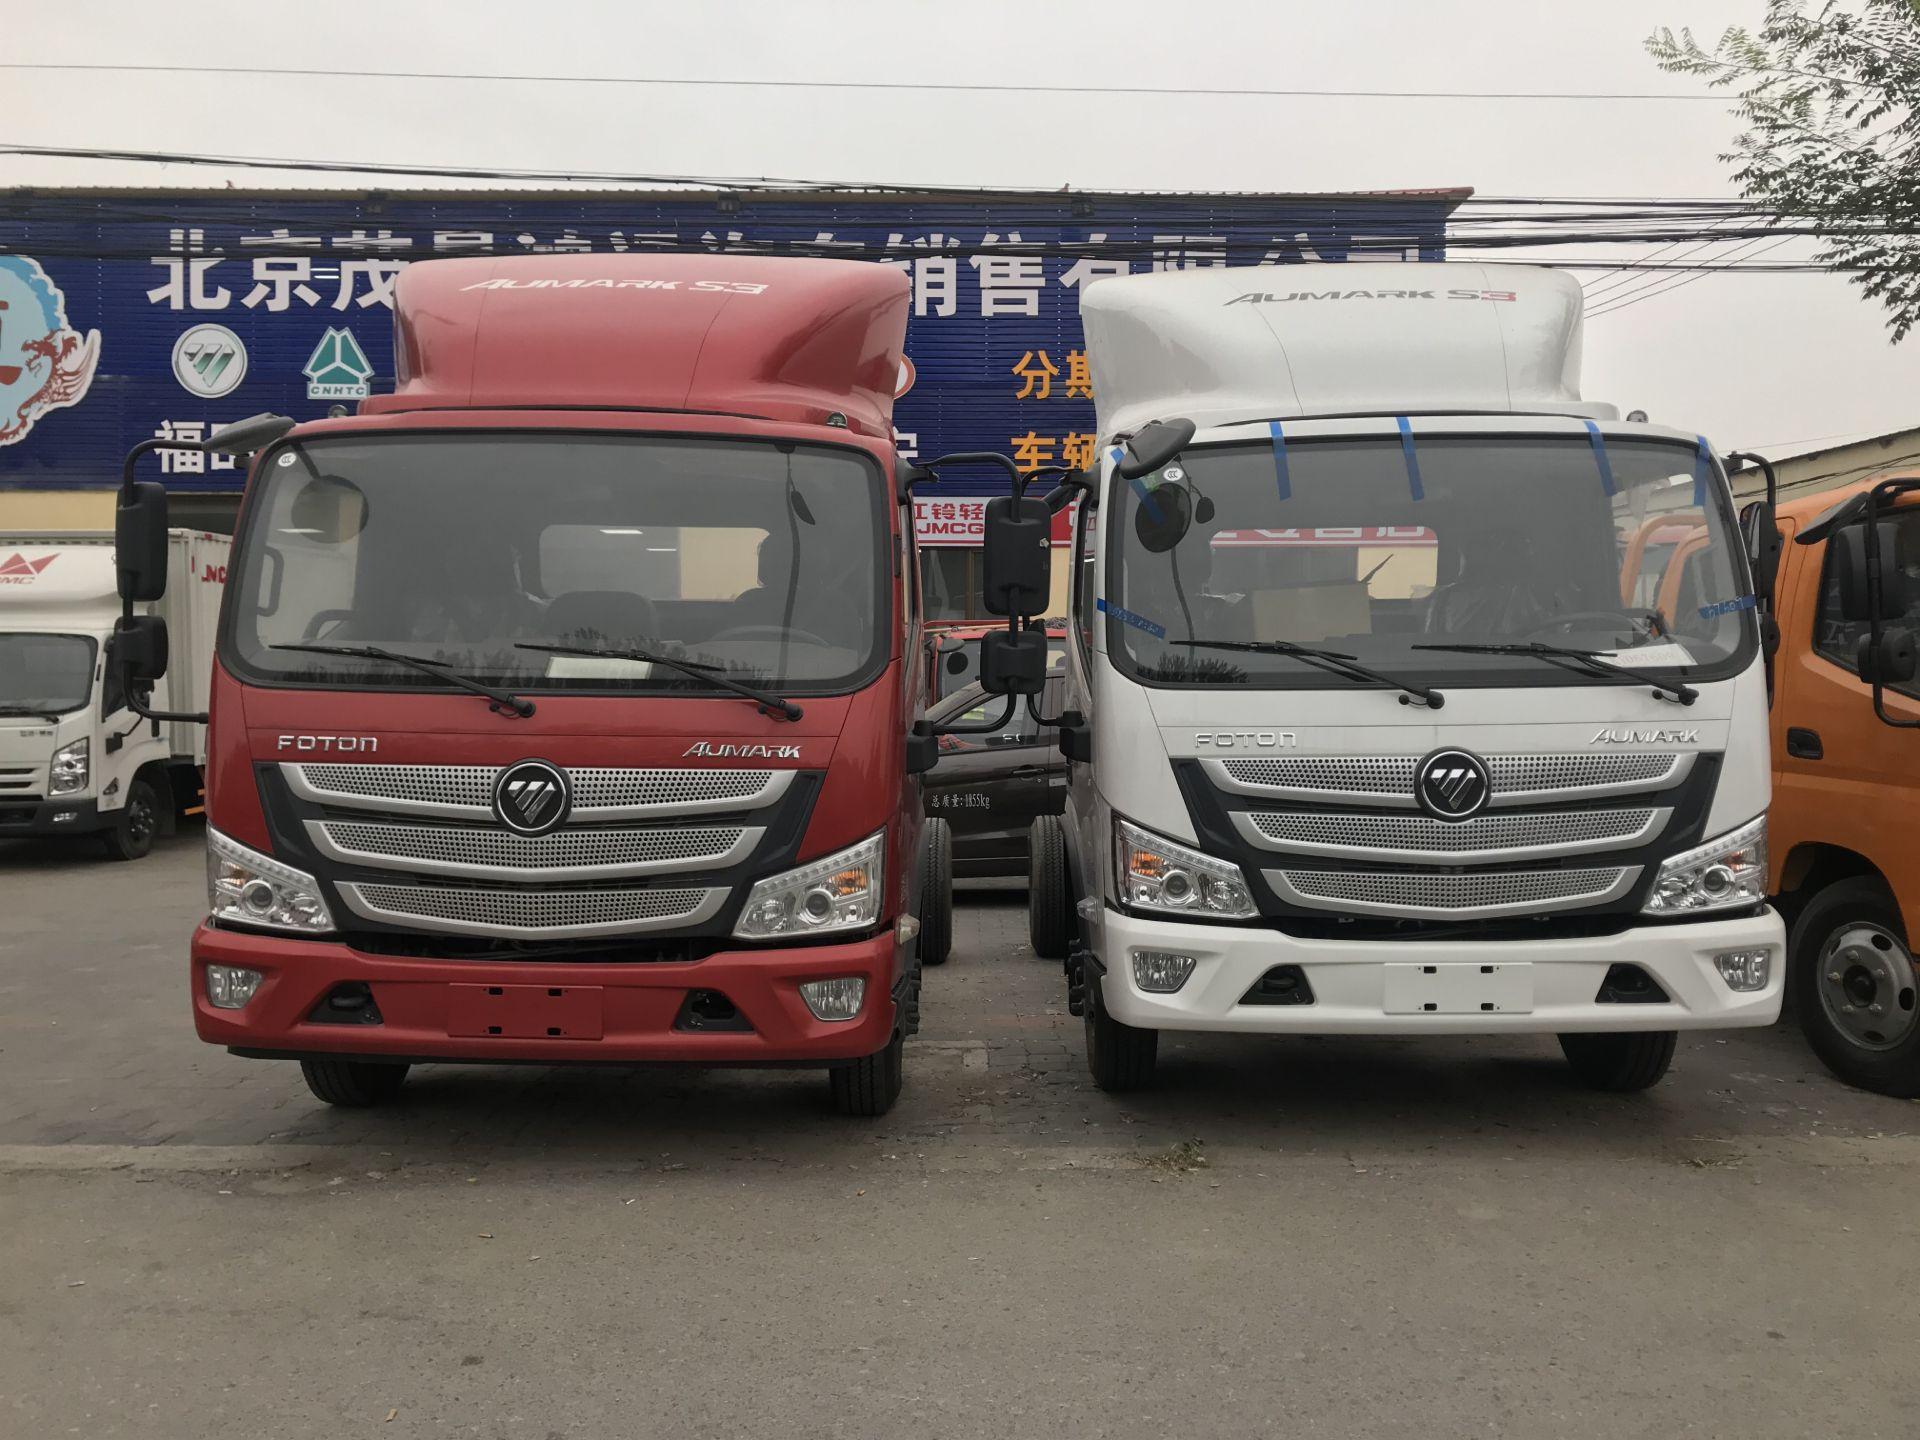 北京奥铃CTX4米2平板货车经销地址/电话